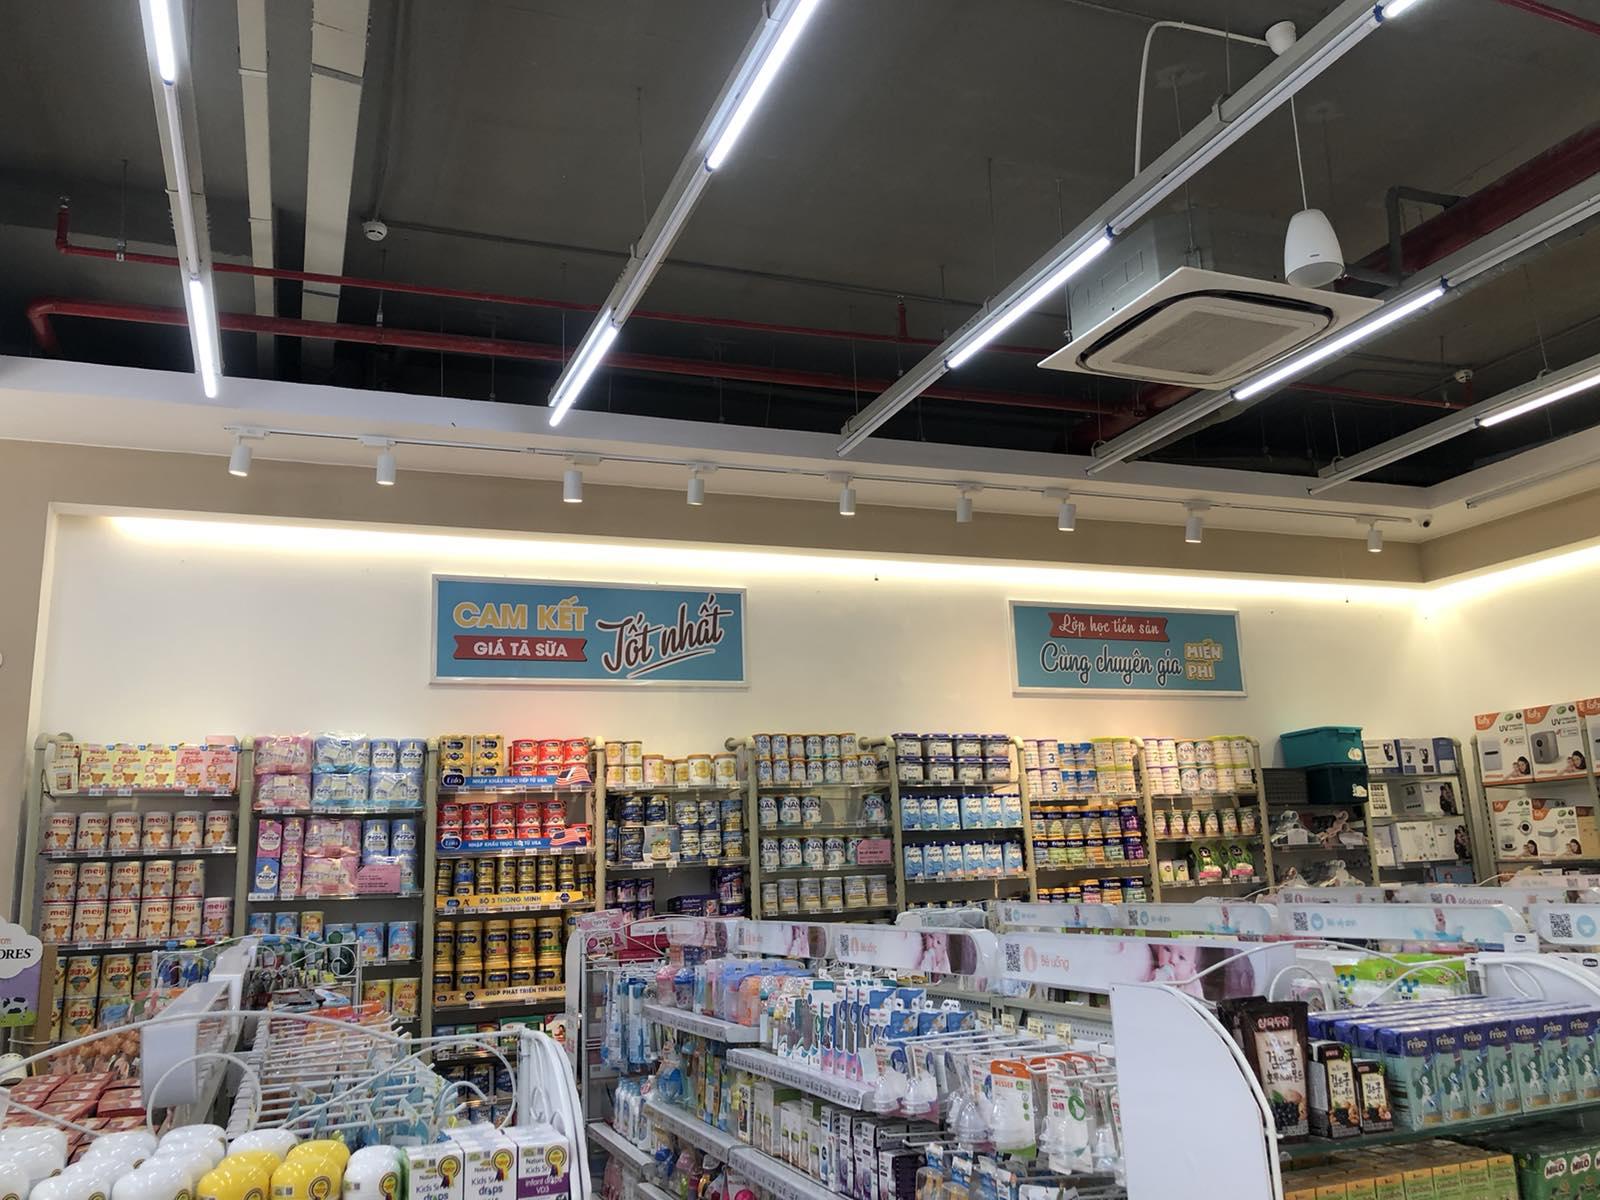 Mua sữa physiolac chính hãng tại Bibomart